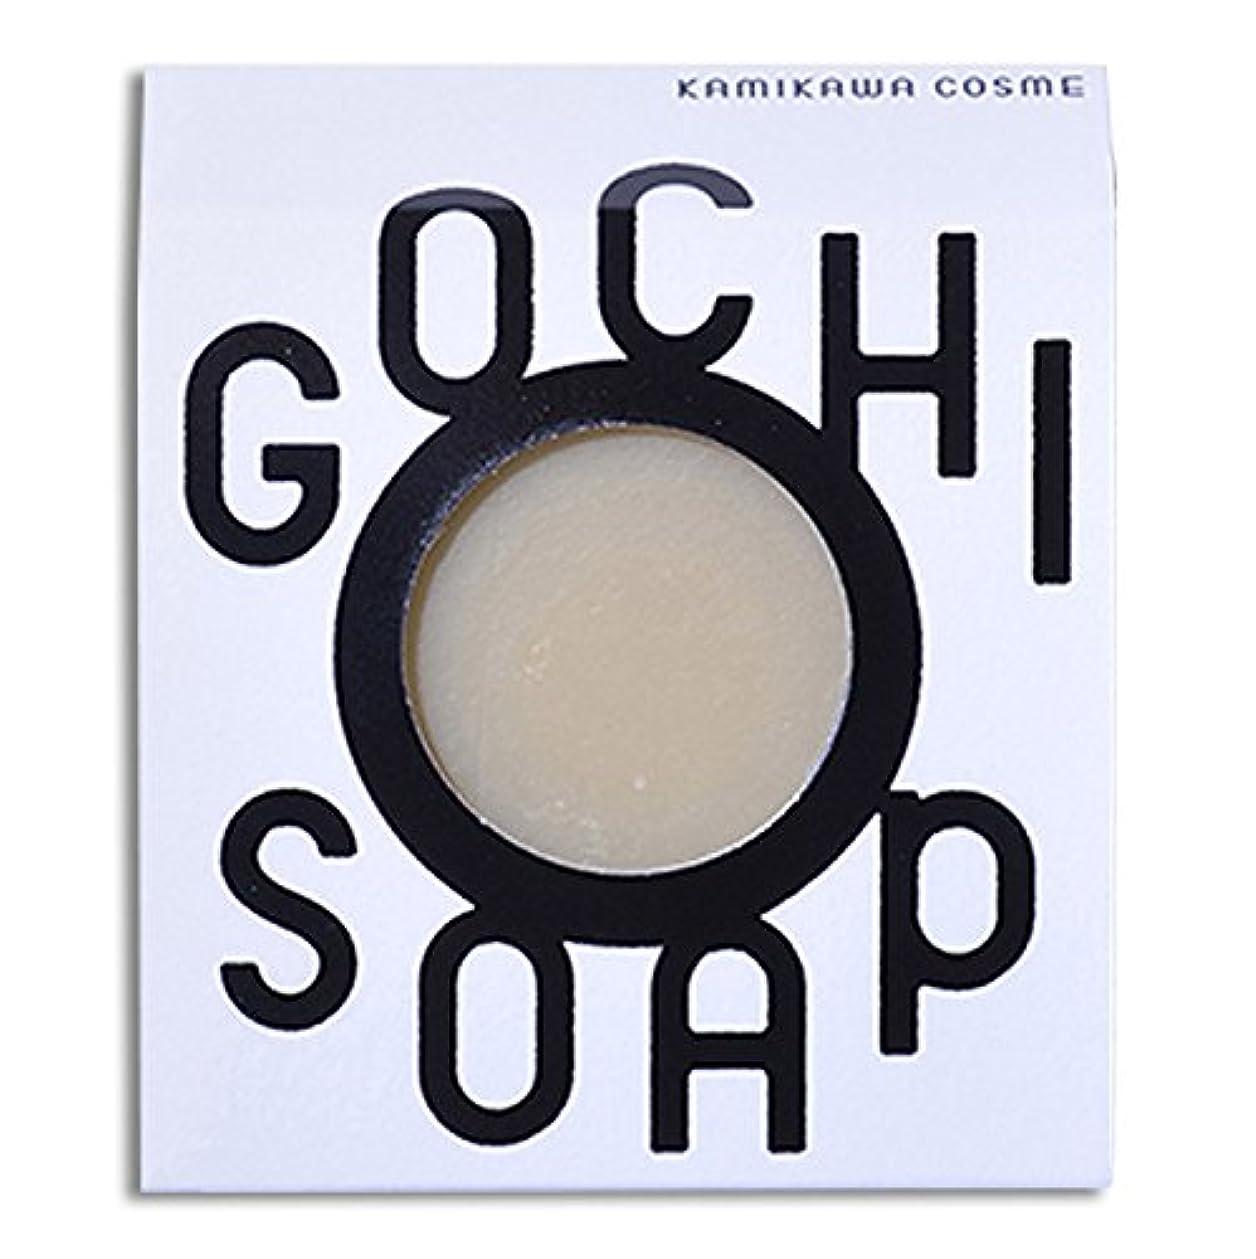 ささやきる変更道北の素材を使用したコスメブランド GOCHI SOAP(伊勢ファームの牛乳ソープ?平田こうじ店の米糀ソープ)各1個セット